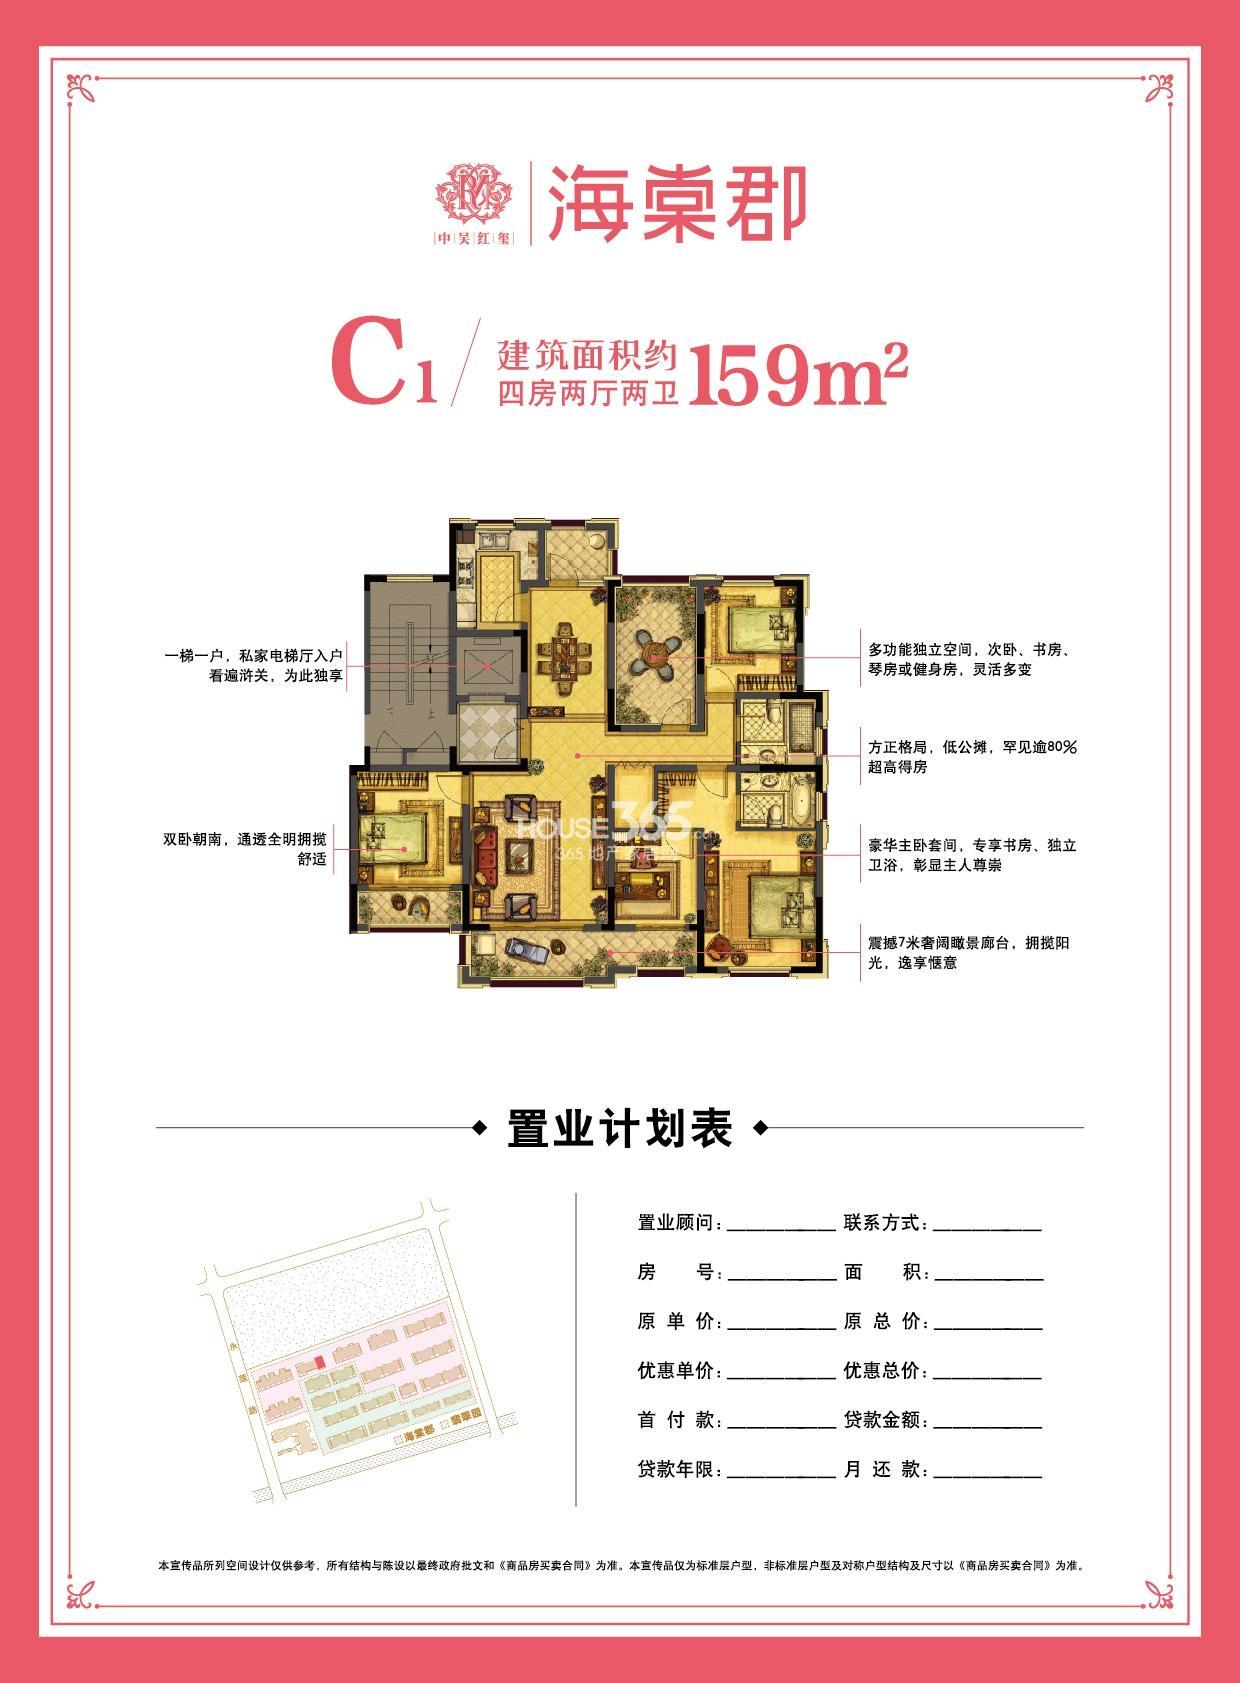 海棠郡C1户型四房两厅两卫159平米